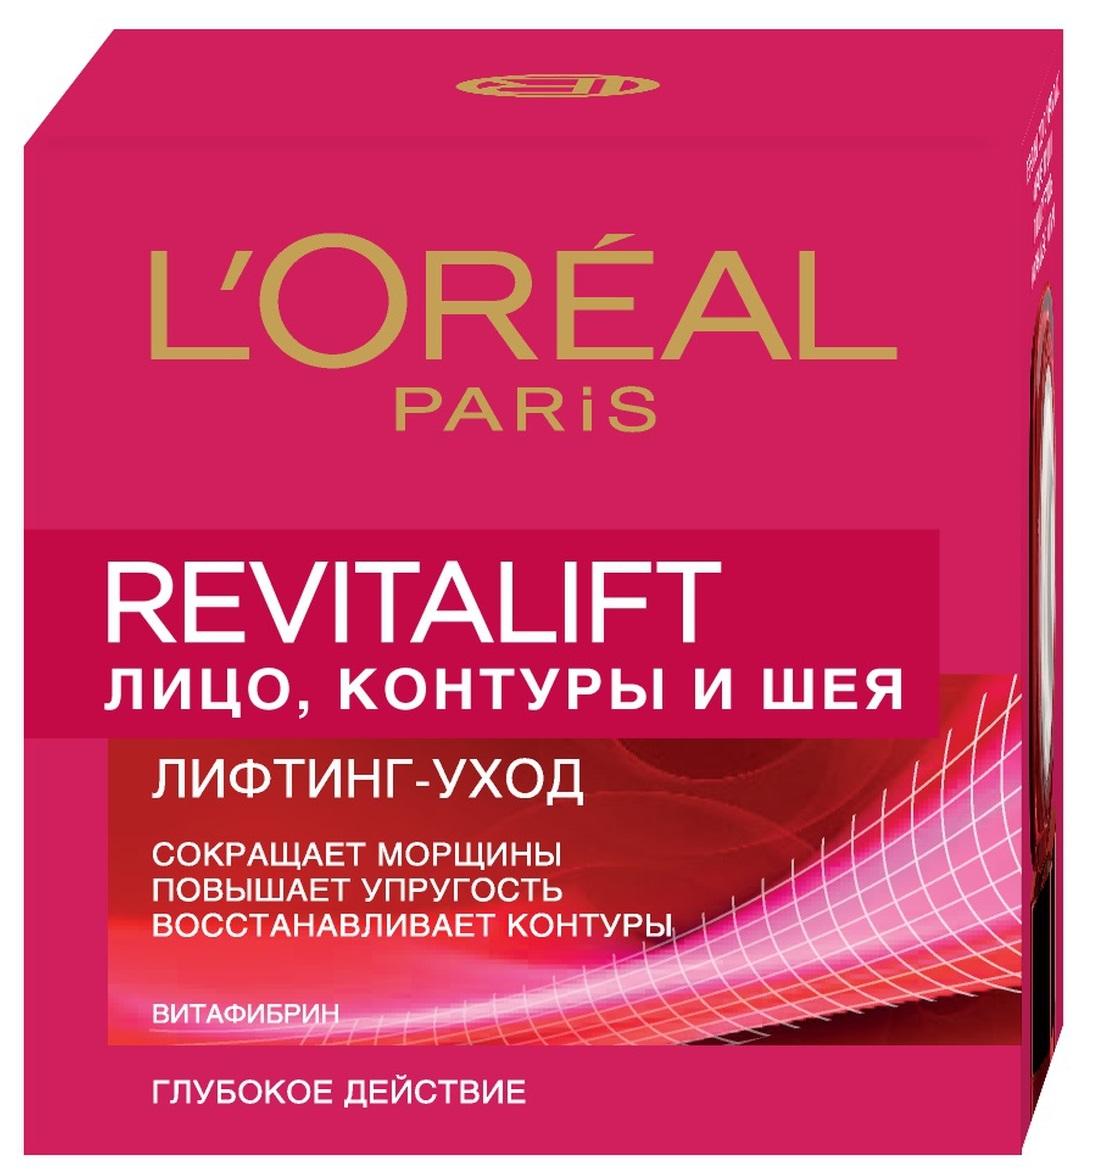 L'Oreal Paris Revitalift Антивозрастной крем против морщин для лица, контуров и шеи, 50 мл lierac arkeskin крем для лица против старения насыщенный 50 мл